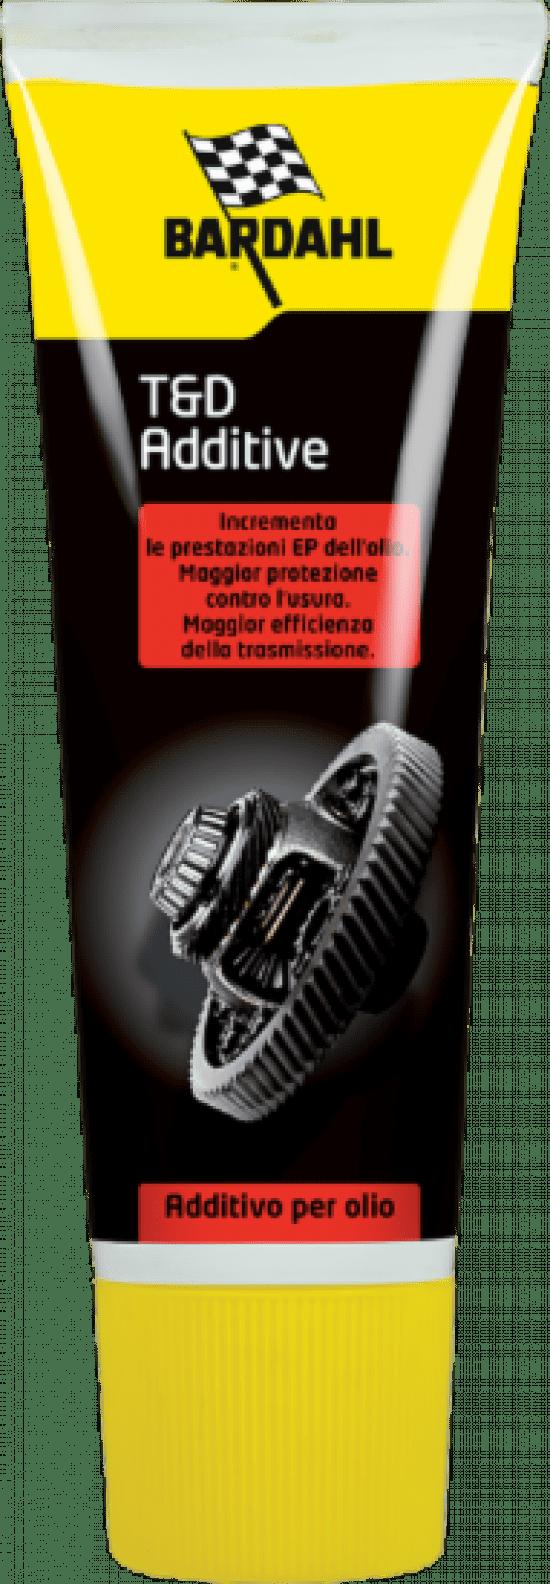 maroilsrl_322_50ca5m0g05_T&D Additive_tubetto 250ml usoweb.png